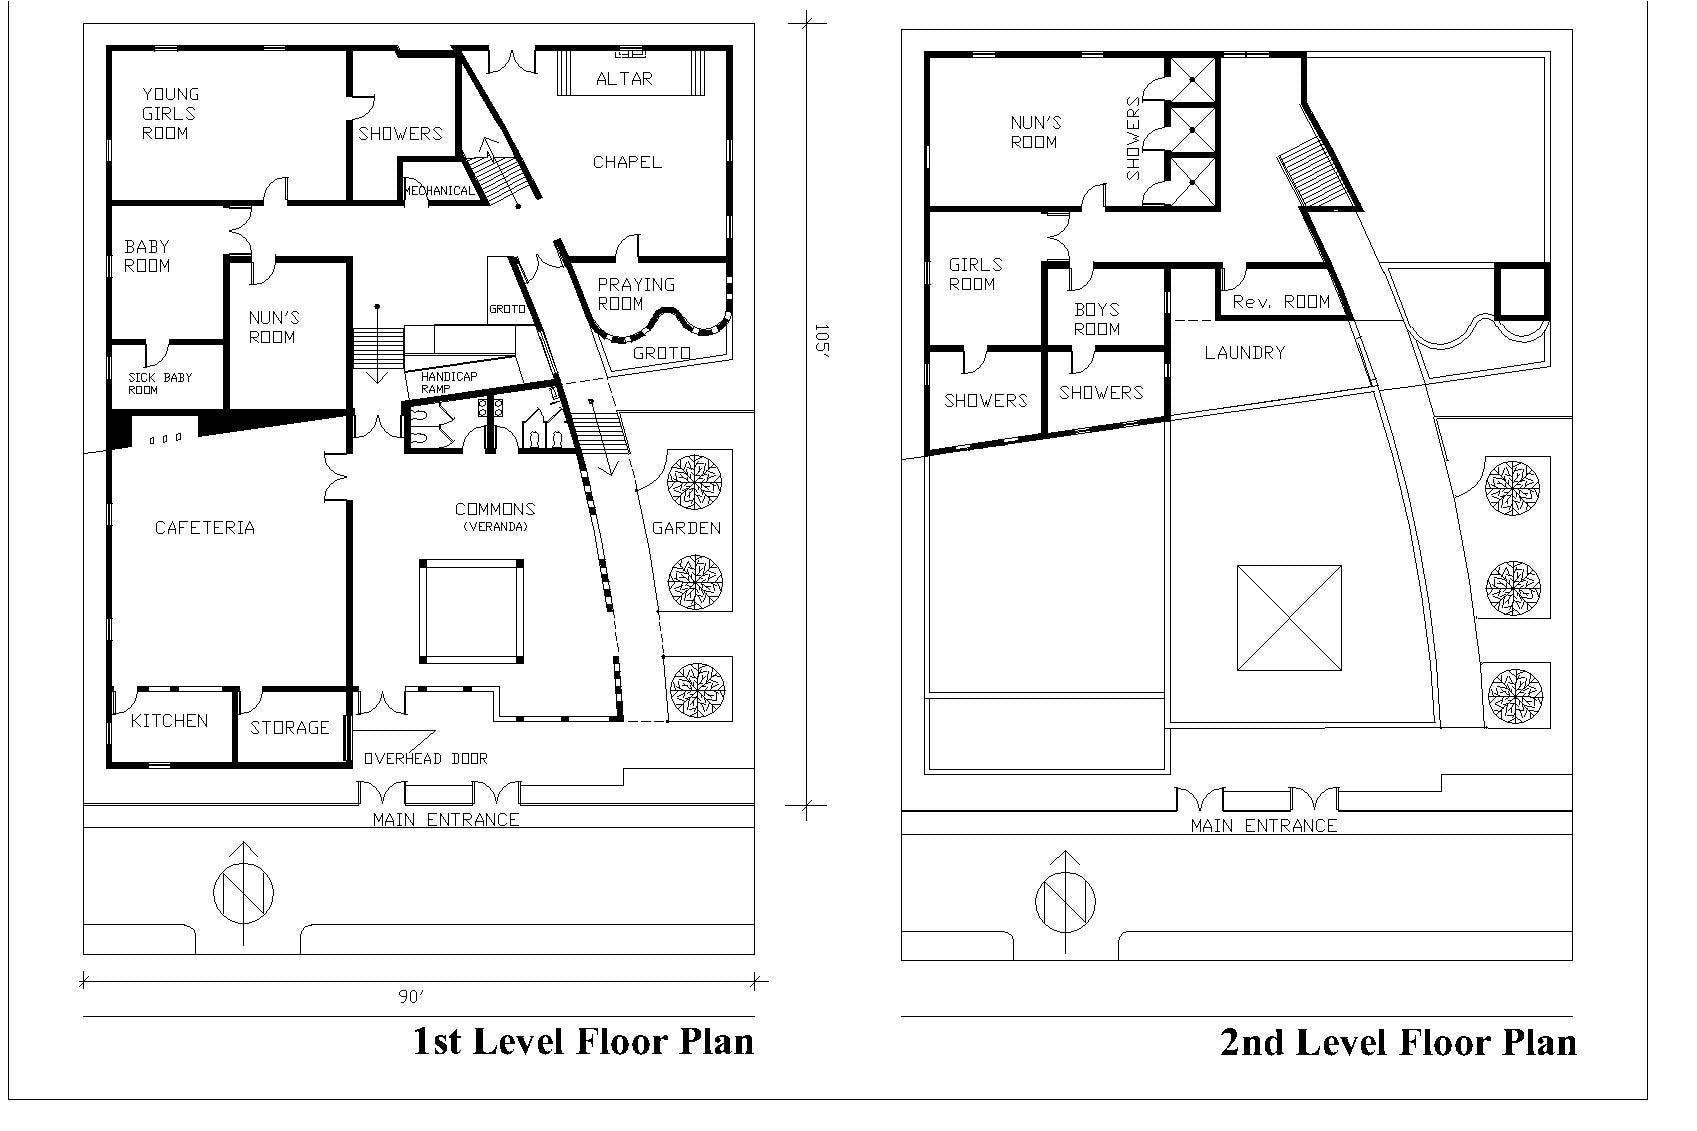 Wardson Construction Floor Plans: Manuel Nunez